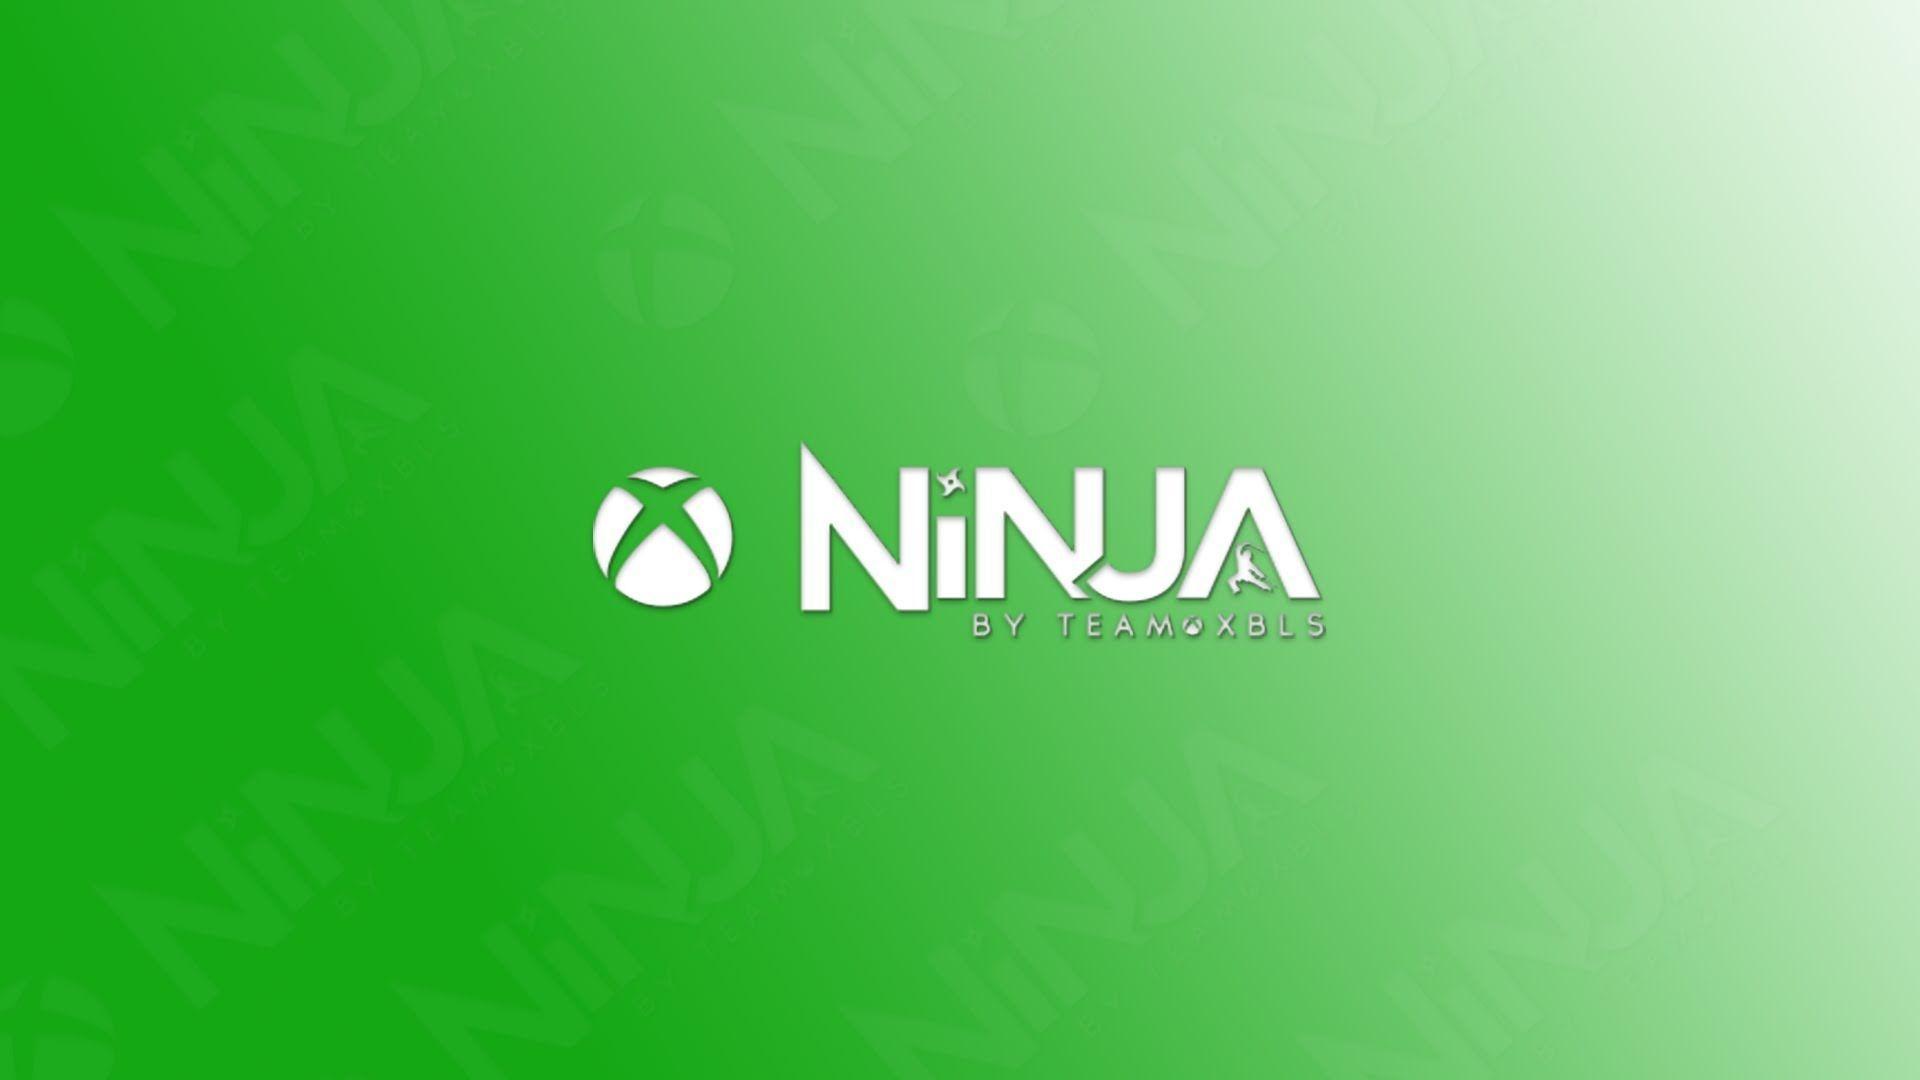 YouTube Ninja Wallpapers - Top Free YouTube Ninja